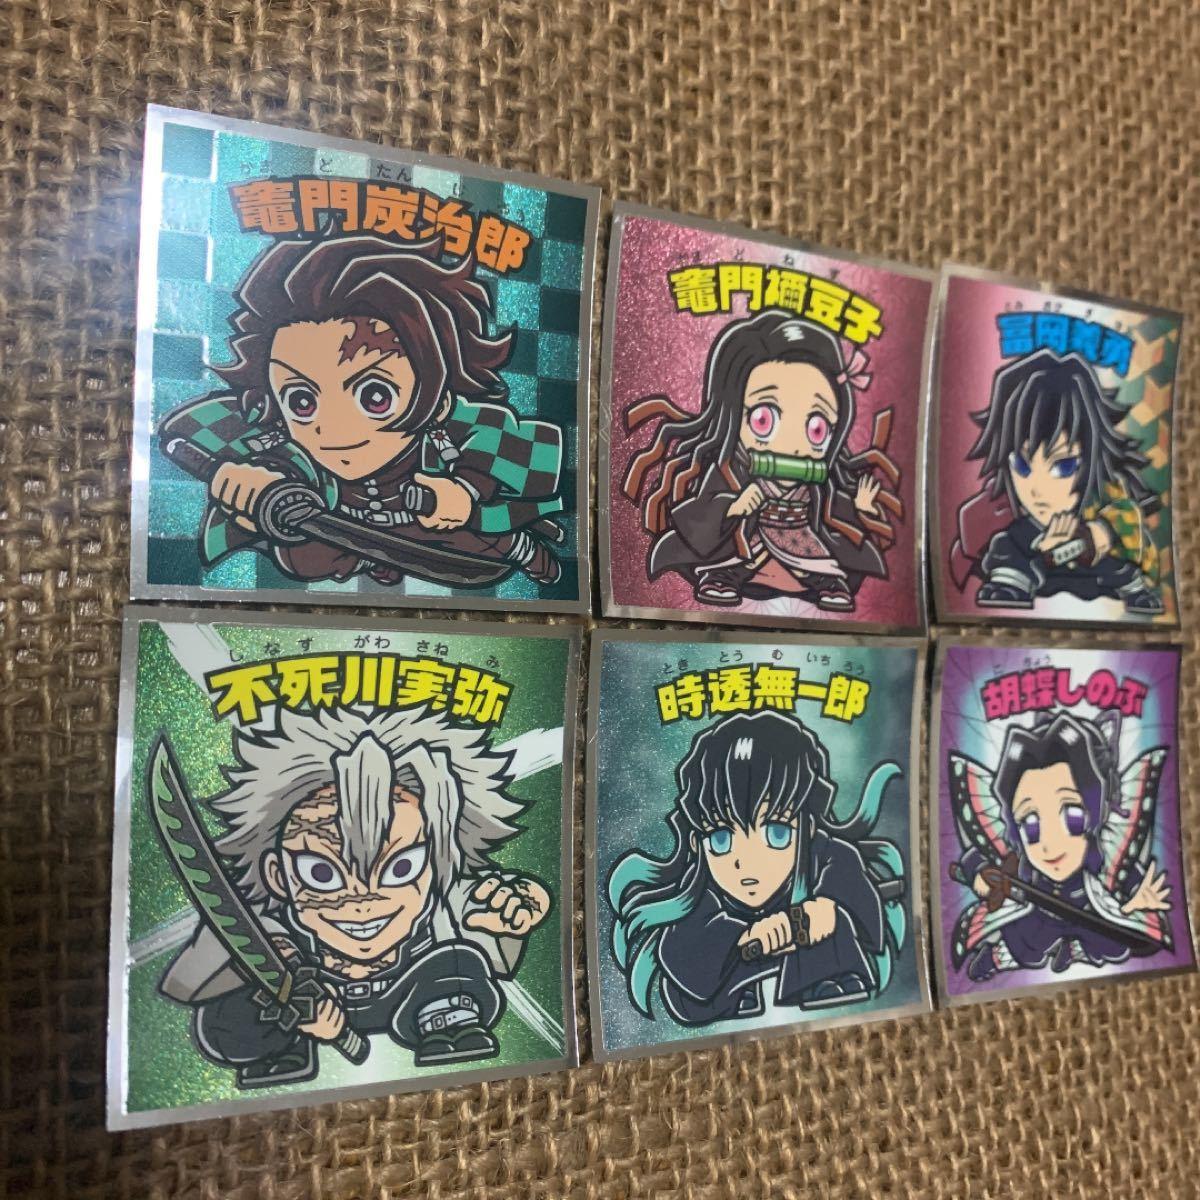 ビックリマンシール 鬼滅の刃 ビックリマンチョコ シール ウエハース お菓子 アニメ 漫画